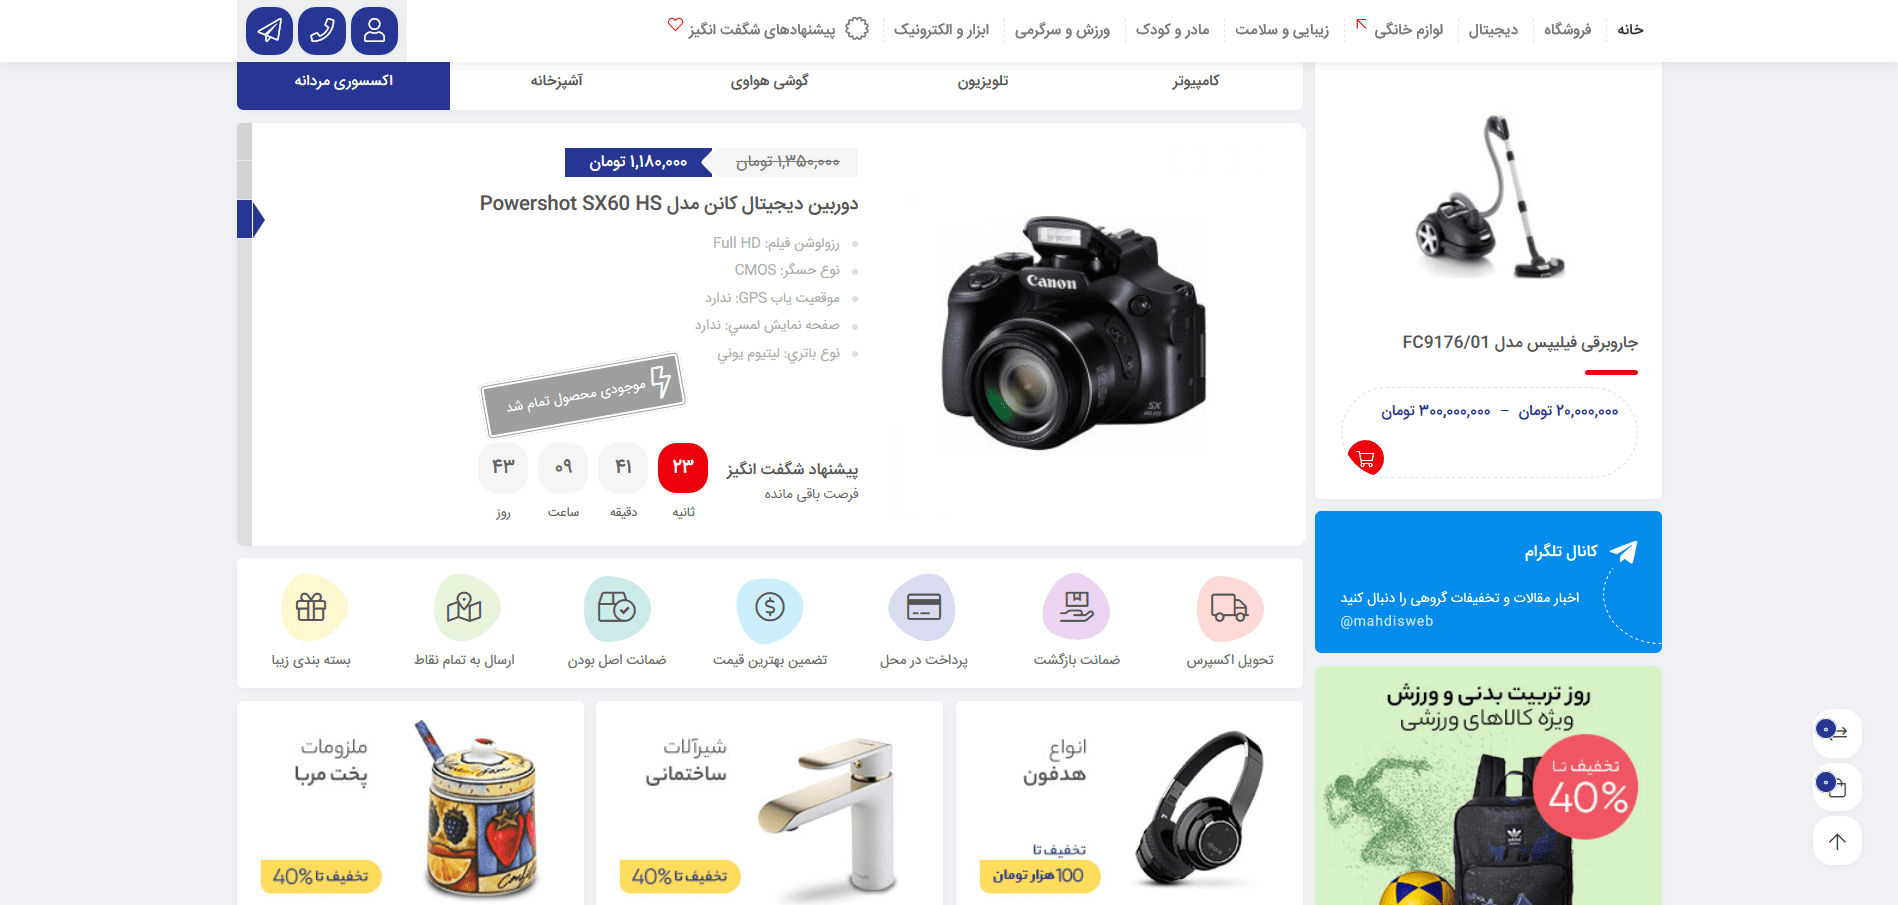 بهترین قالب ایرانی وردپرس